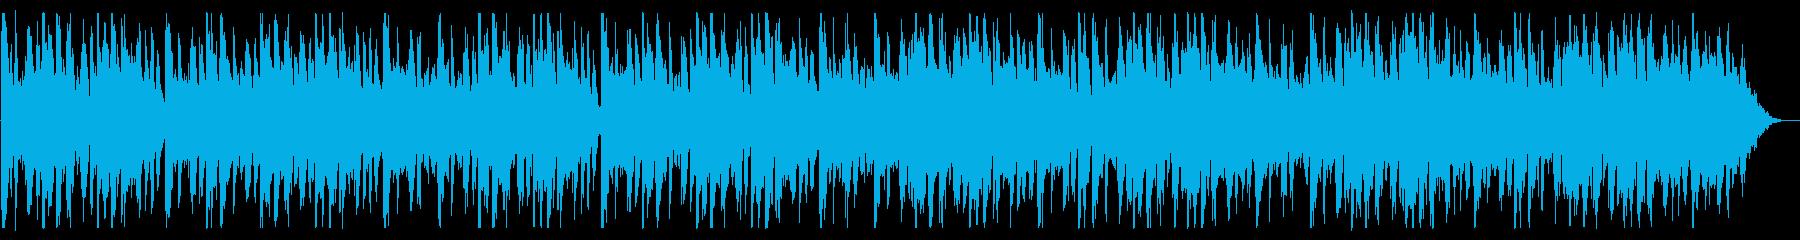 神秘的/サイケデリック_614_2の再生済みの波形